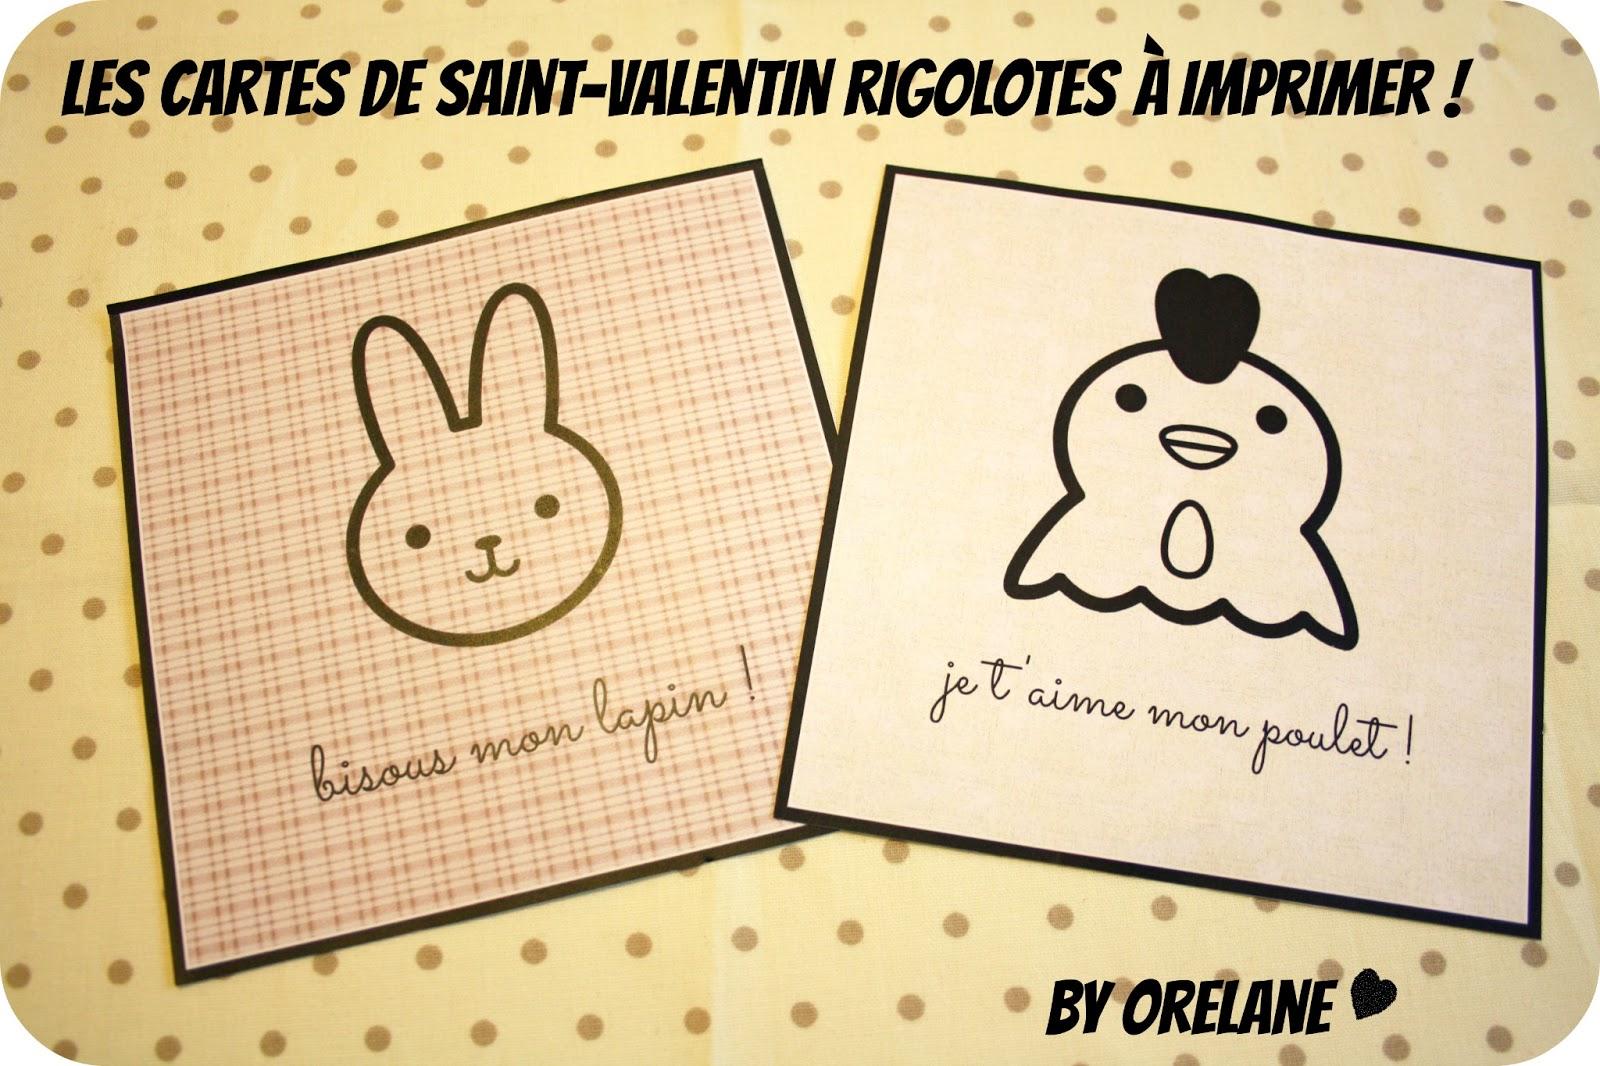 Orelane a imprimer les cartes rigolotes de saint valentin - Carte st valentin gratuite a imprimer ...